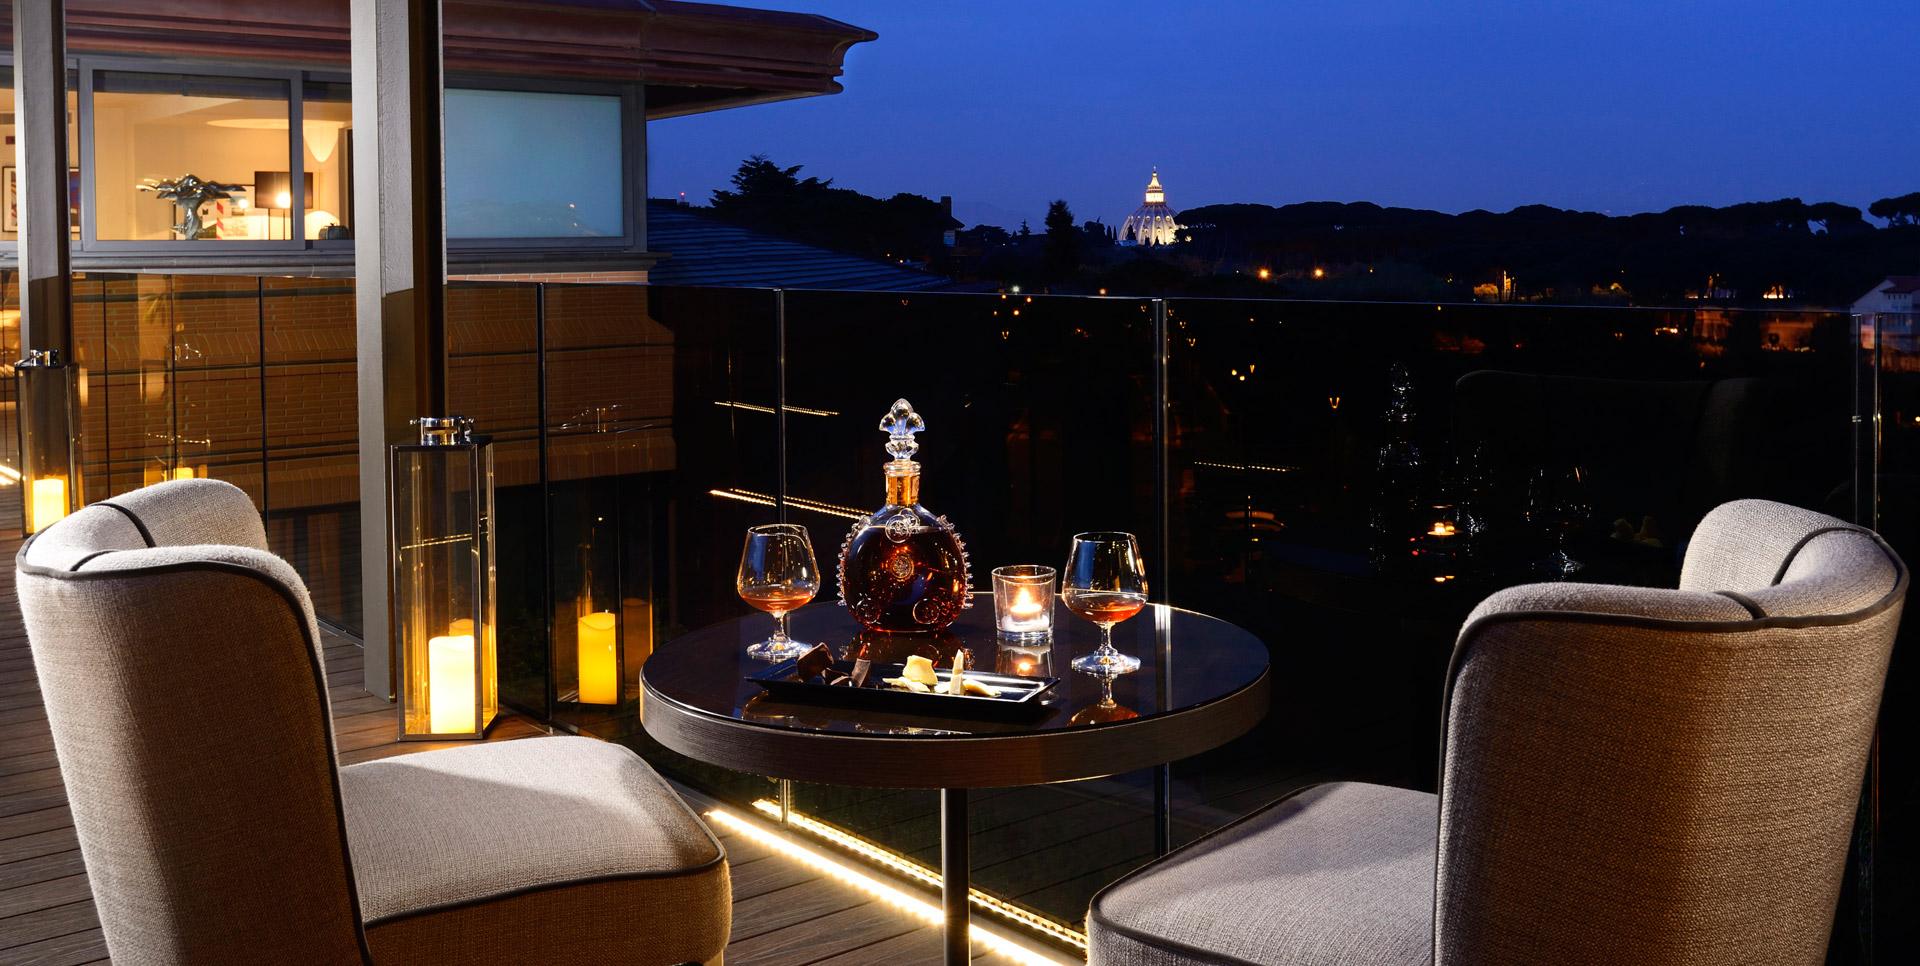 Terrazze e rooftop degli hotel a Roma, i ristoranti panoramici per aperitivi e cene, tra menu d'autore e cocktail rinfrescanti con vista mozzafiato